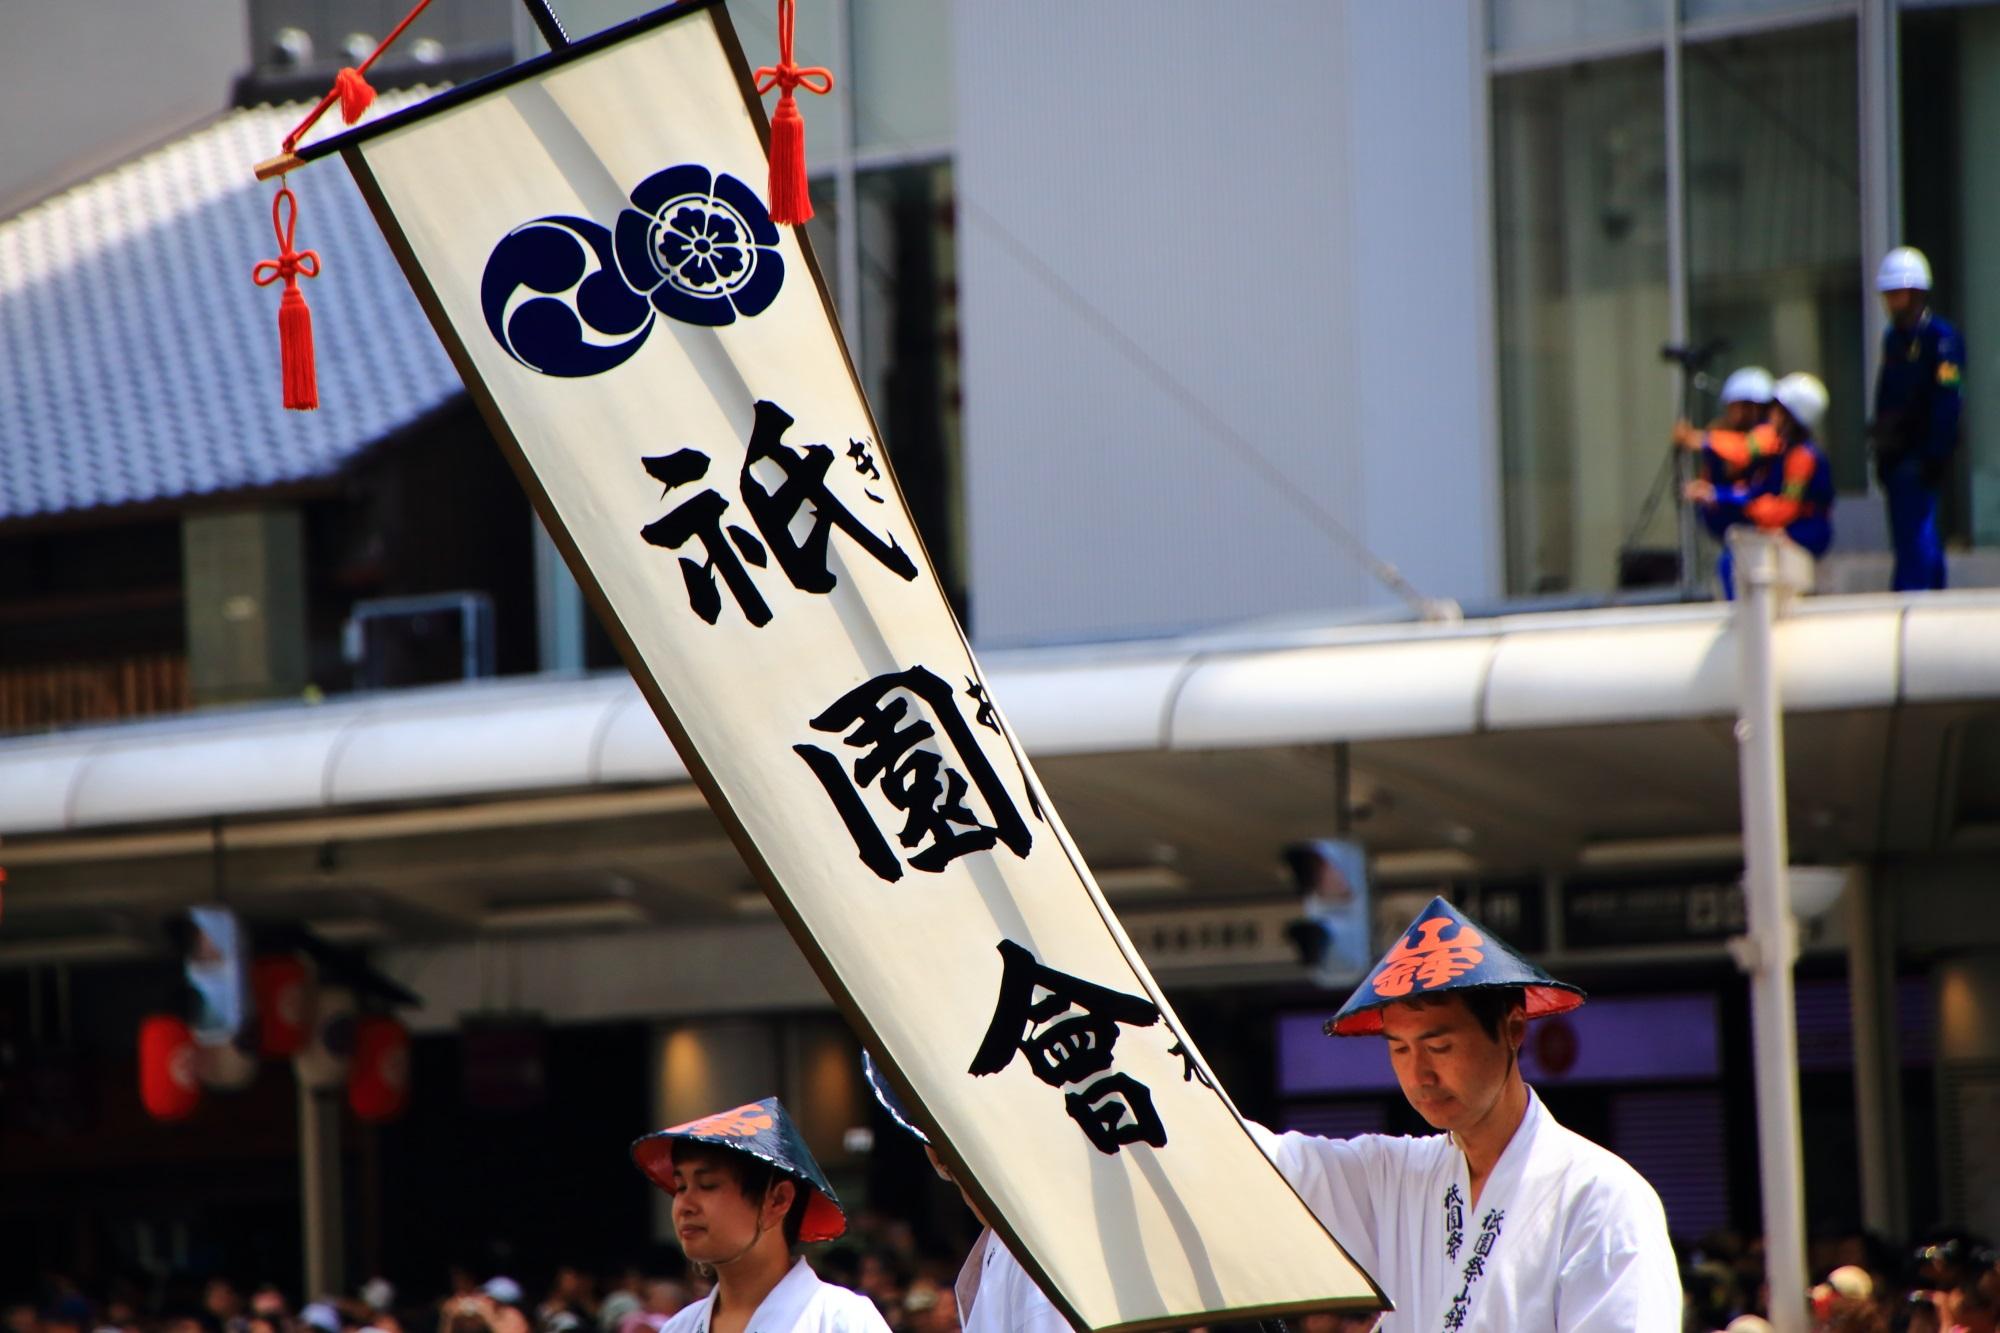 祇園祭後祭の山鉾巡行の先頭